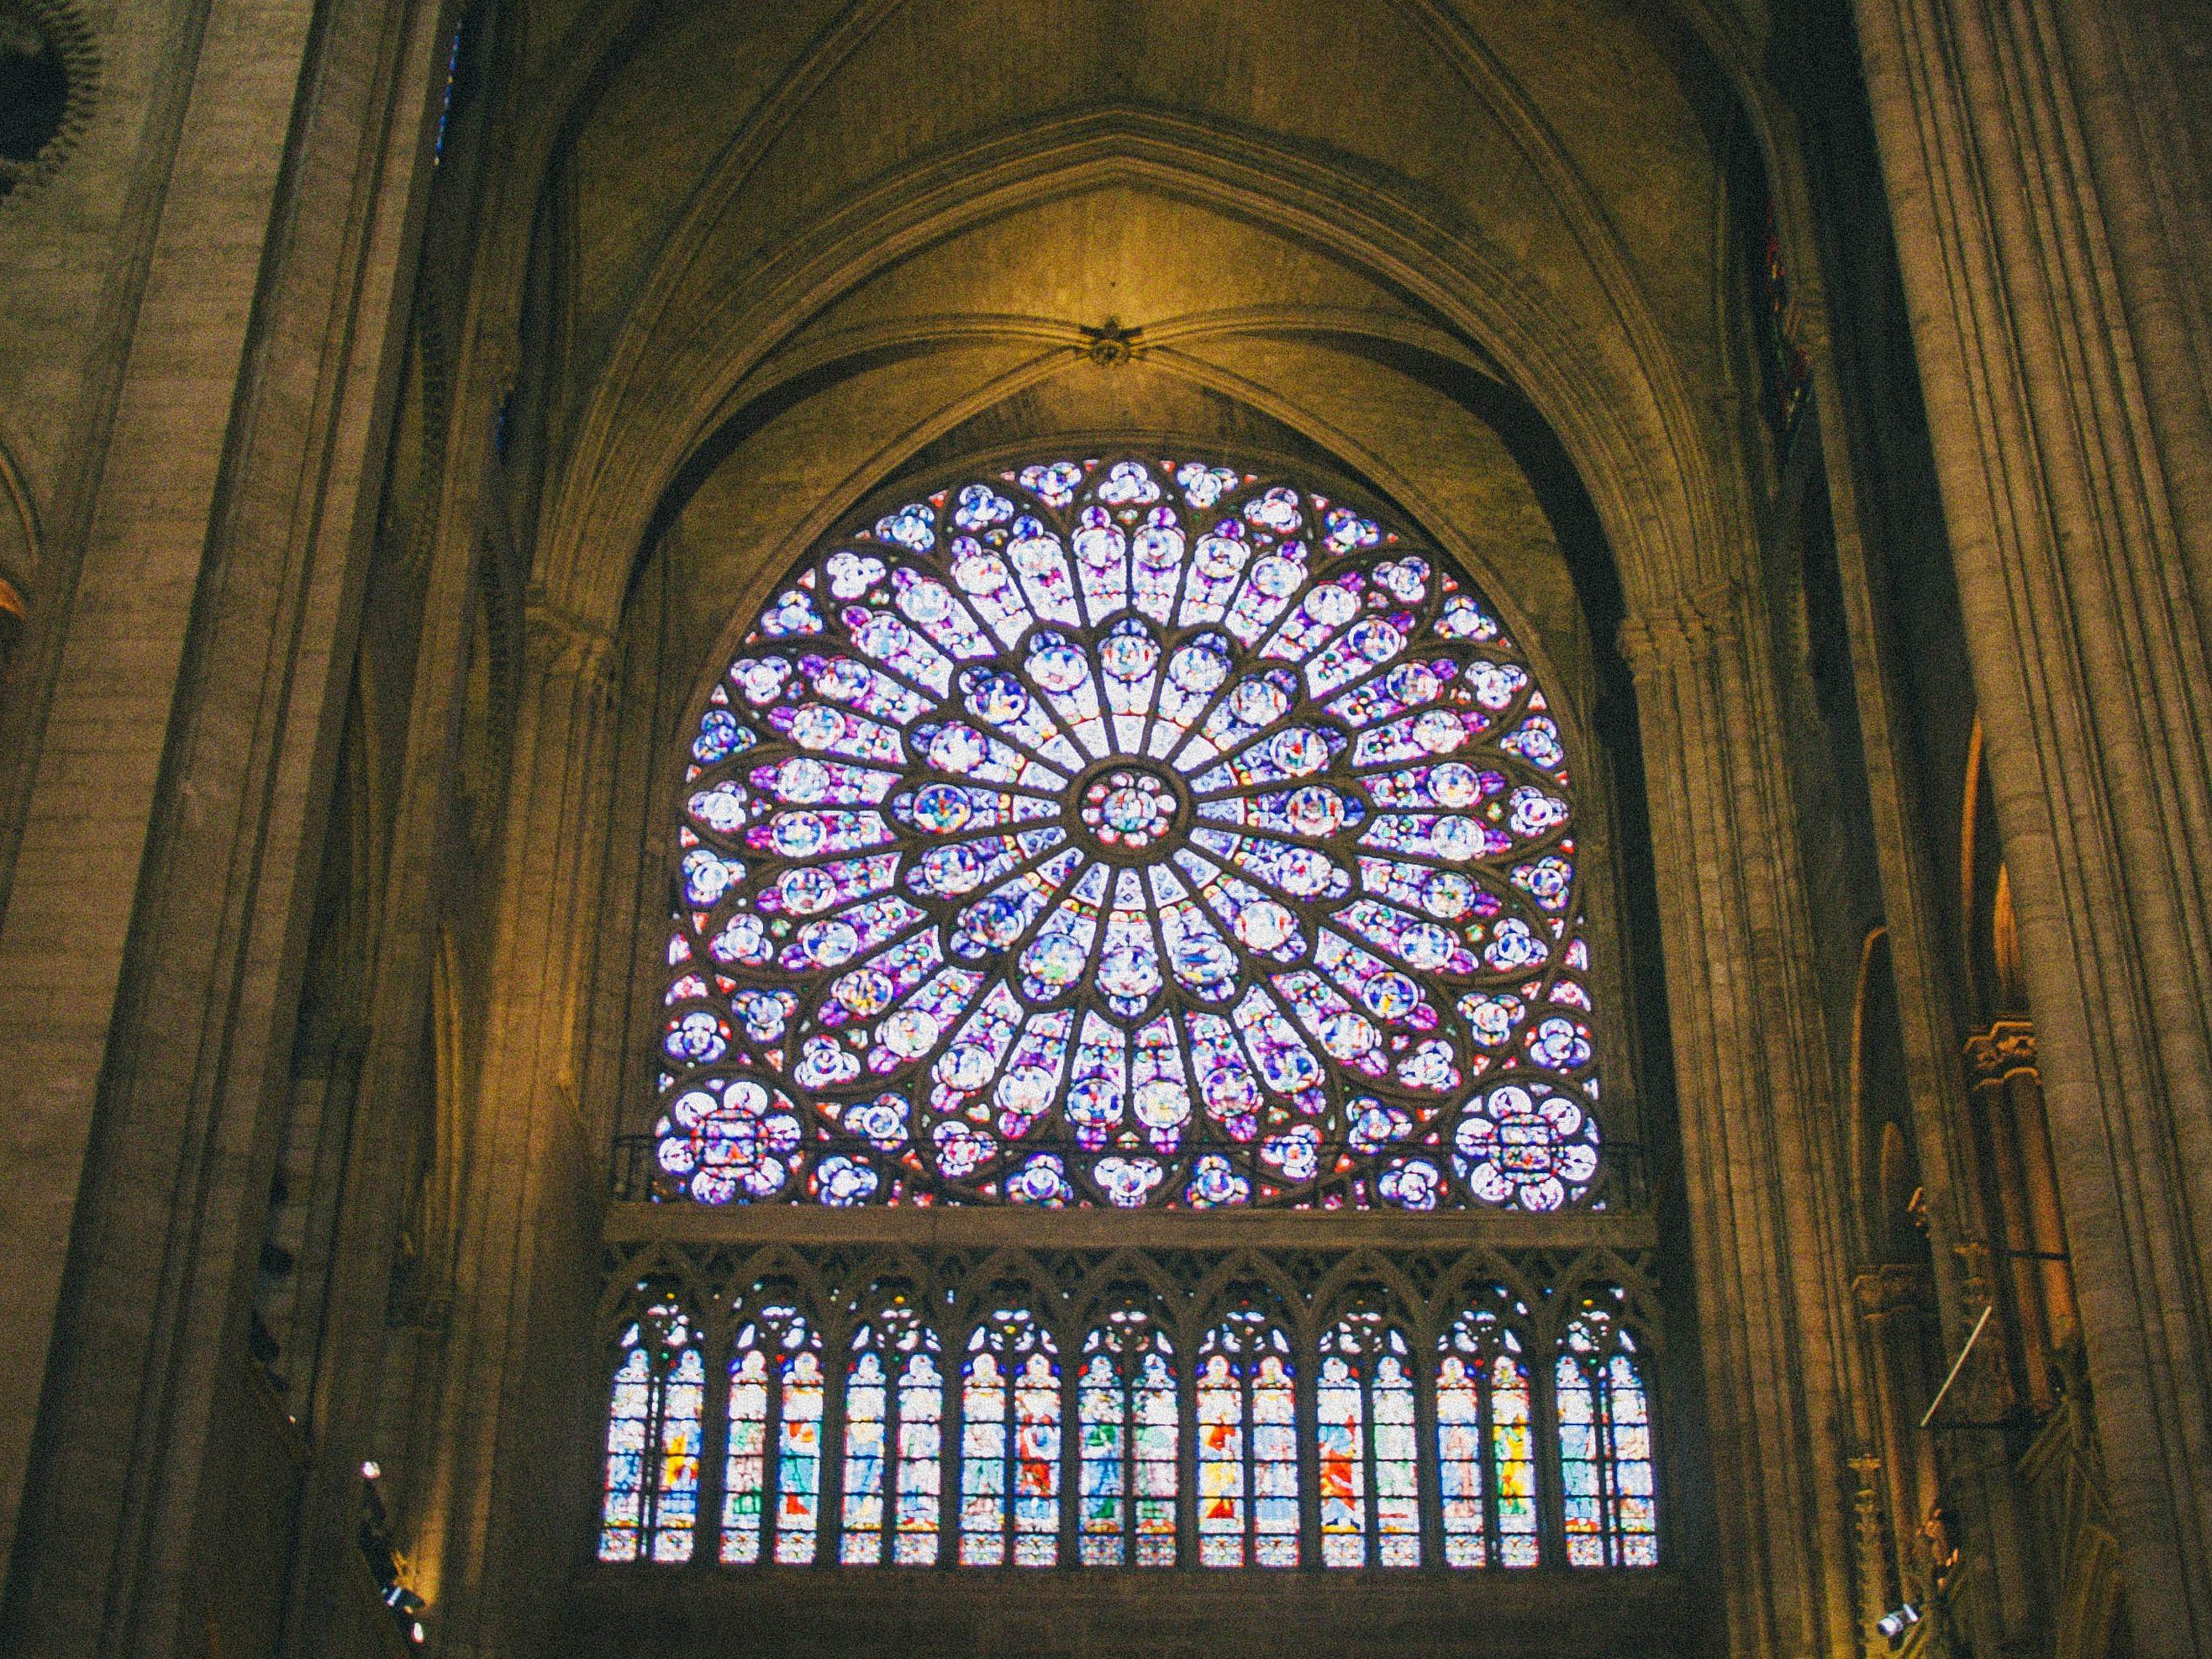 The rose window at Notre-Dame de Paris.